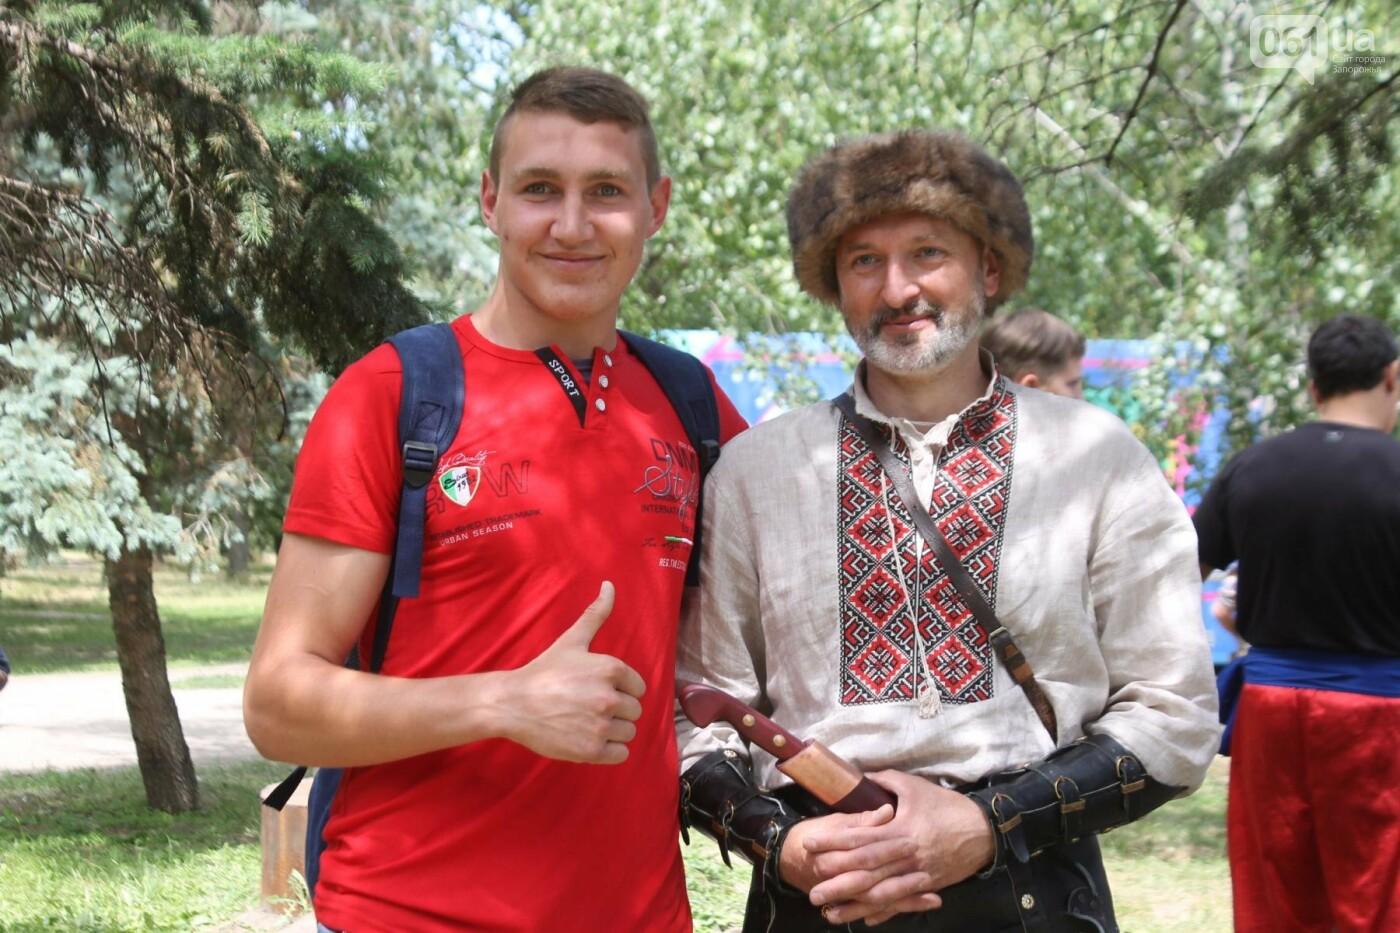 «Лава на лаву», борьба на поясах и ярмарка вышиванок: как в Запорожье прошли всеукраинские казацкие игры, – ФОТОРЕПОРТАЖ, фото-43